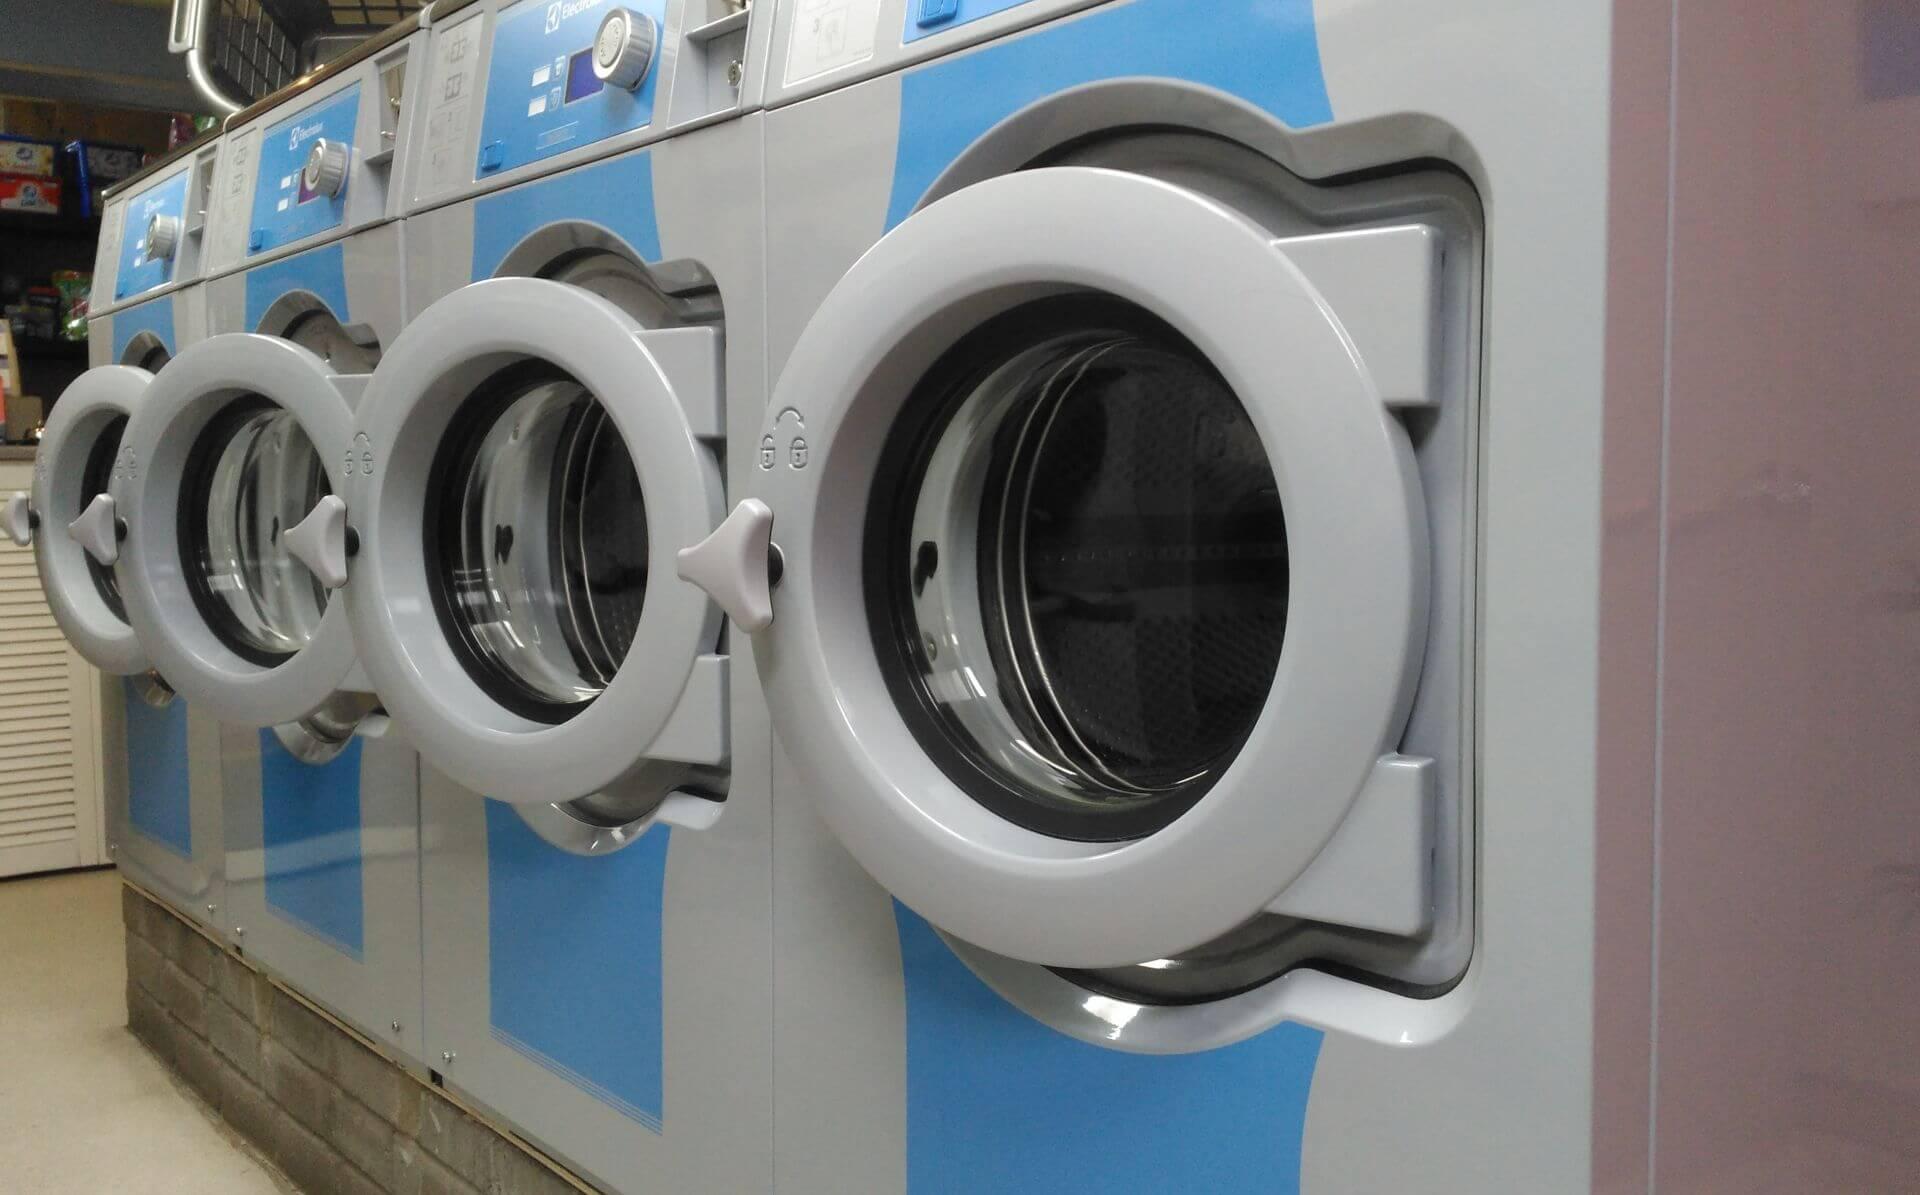 Drift-In laundry washing machines